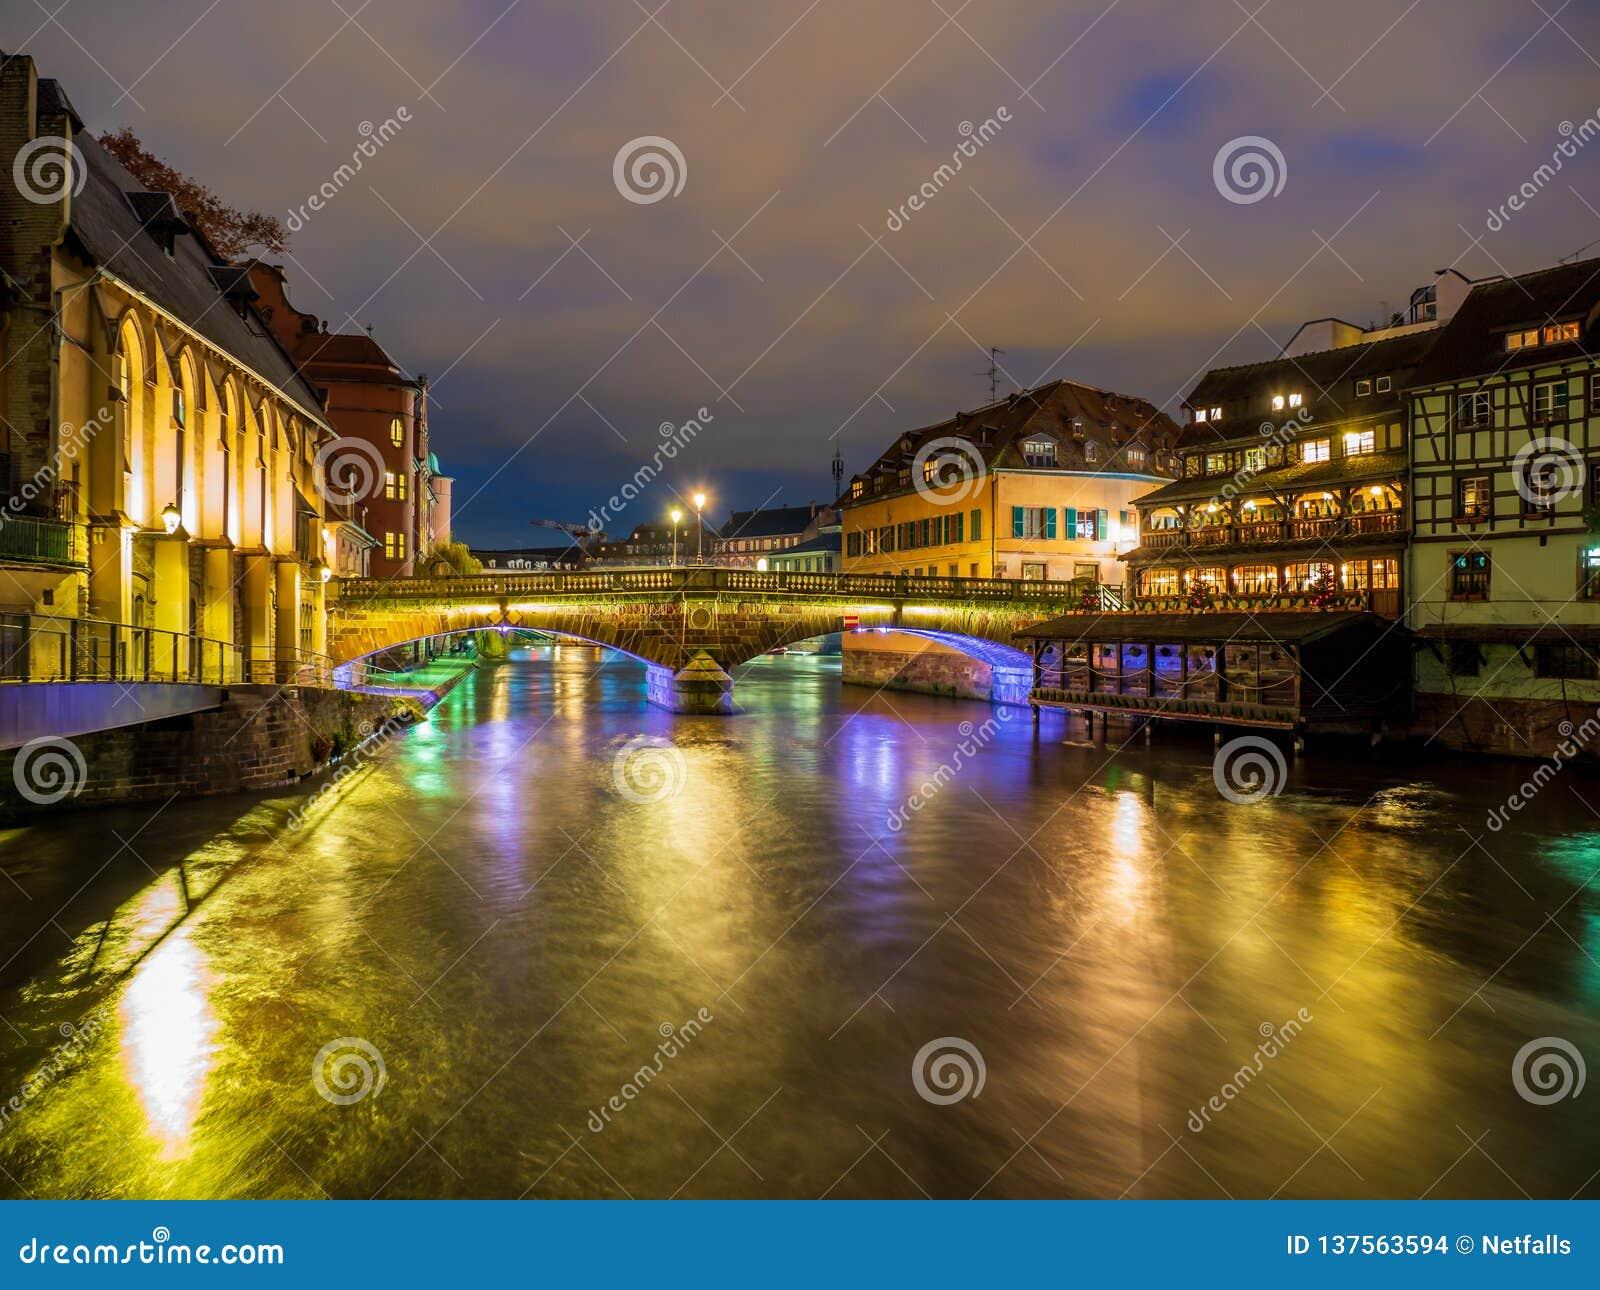 Petite France area in Strasbourg